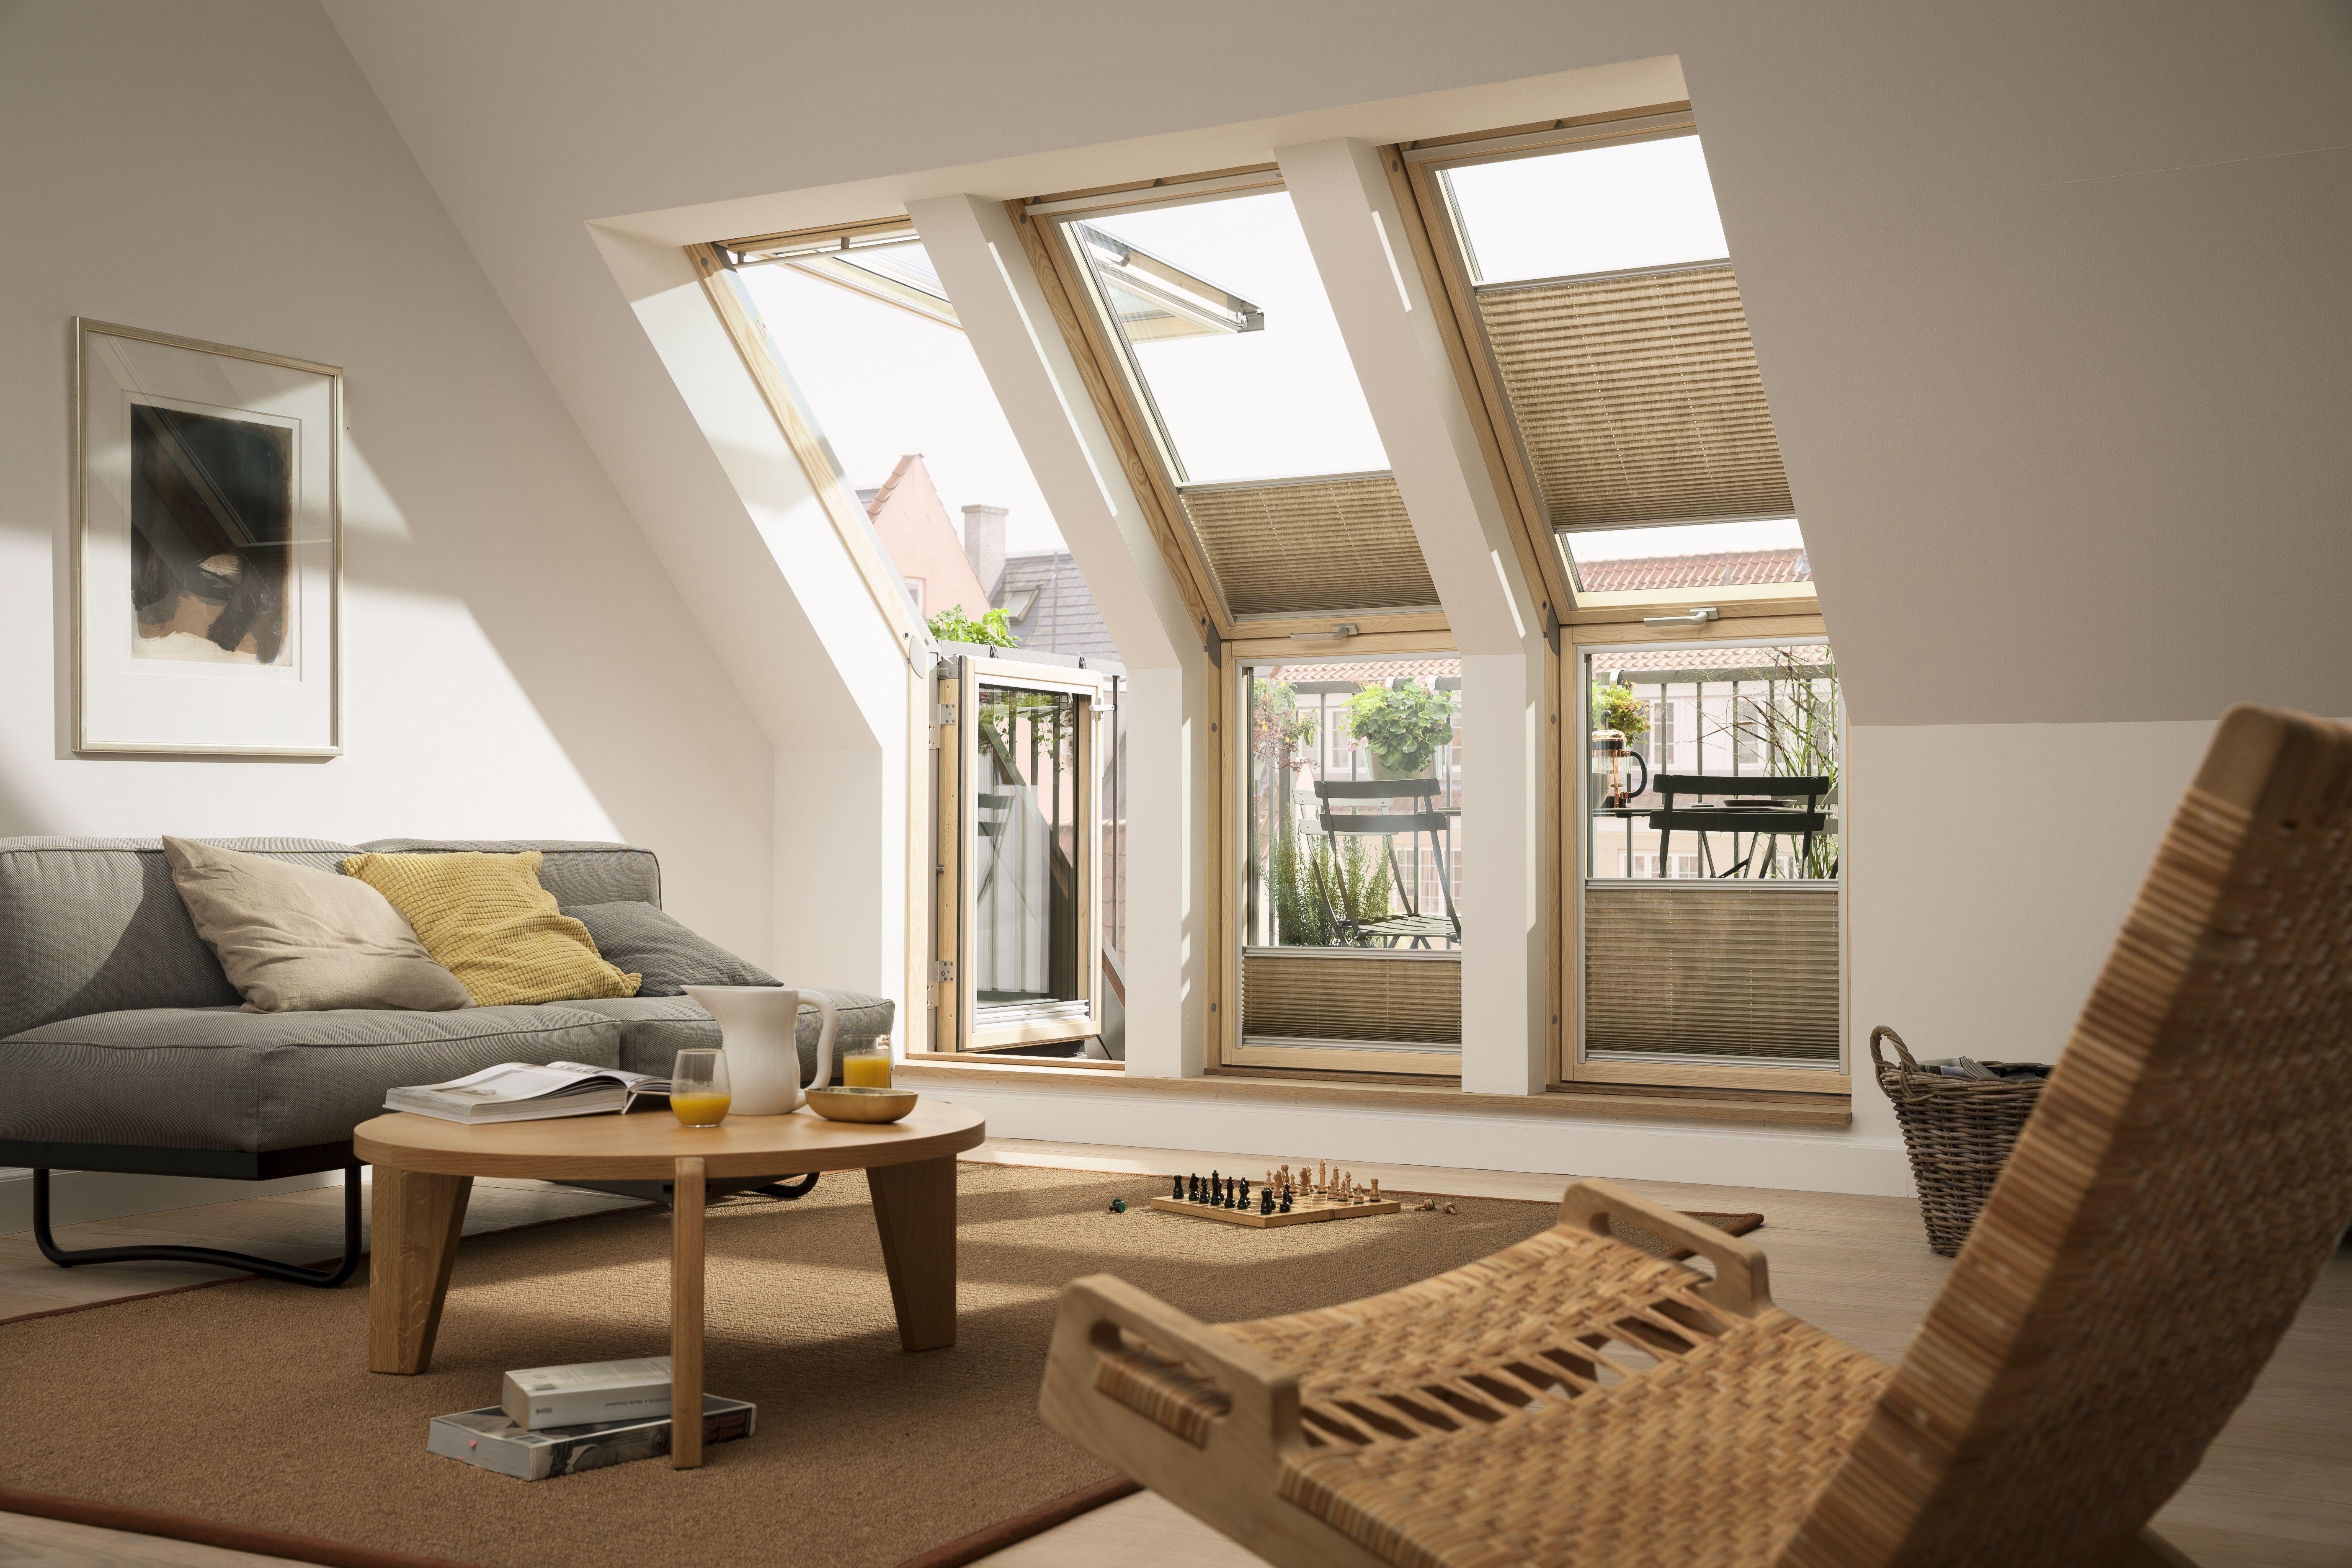 Verander de rommelzolder in uw droomzolder met inpandig balkon of